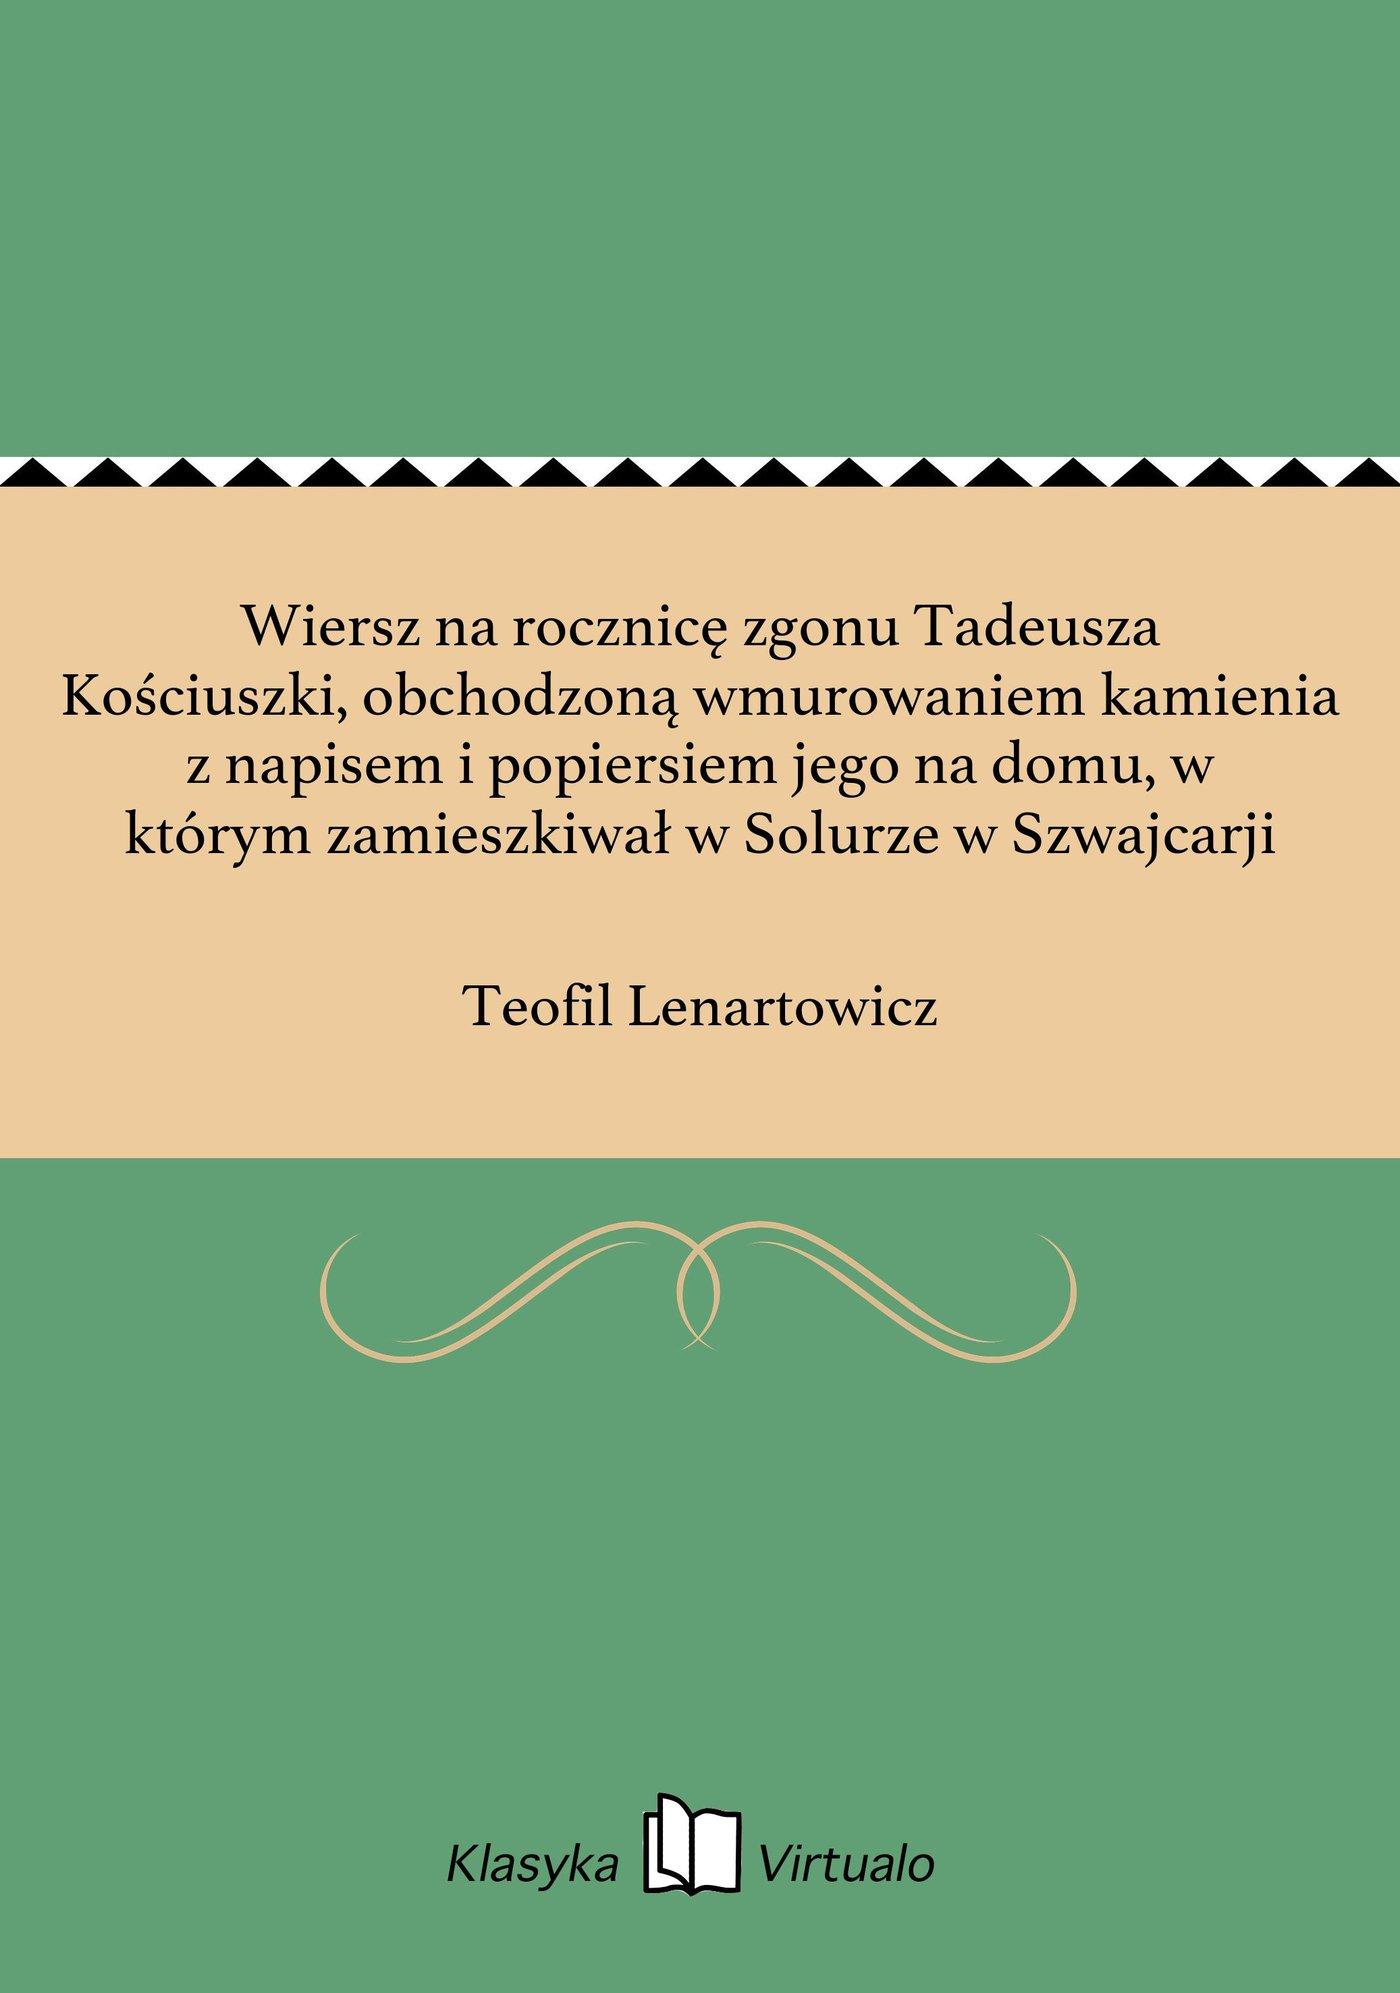 Wiersz na rocznicę zgonu Tadeusza Kościuszki, obchodzoną wmurowaniem kamienia z napisem i popiersiem jego na domu, w którym zamieszkiwał w Solurze w Szwajcarji - Ebook (Książka EPUB) do pobrania w formacie EPUB